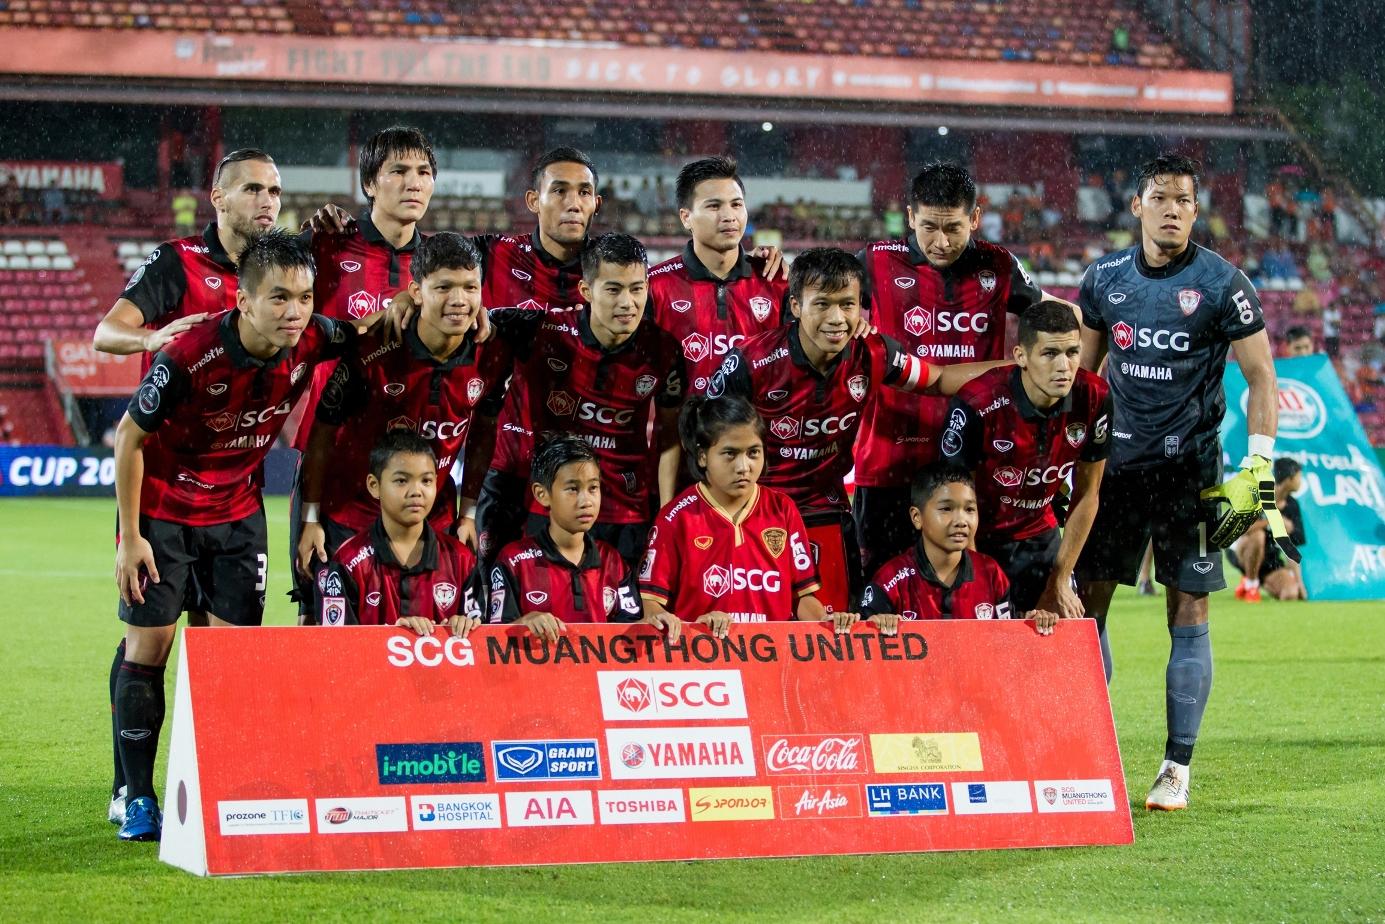 Sốt vé đại tiệc bóng đá giao hữu Việt - Thái - Ảnh 2.